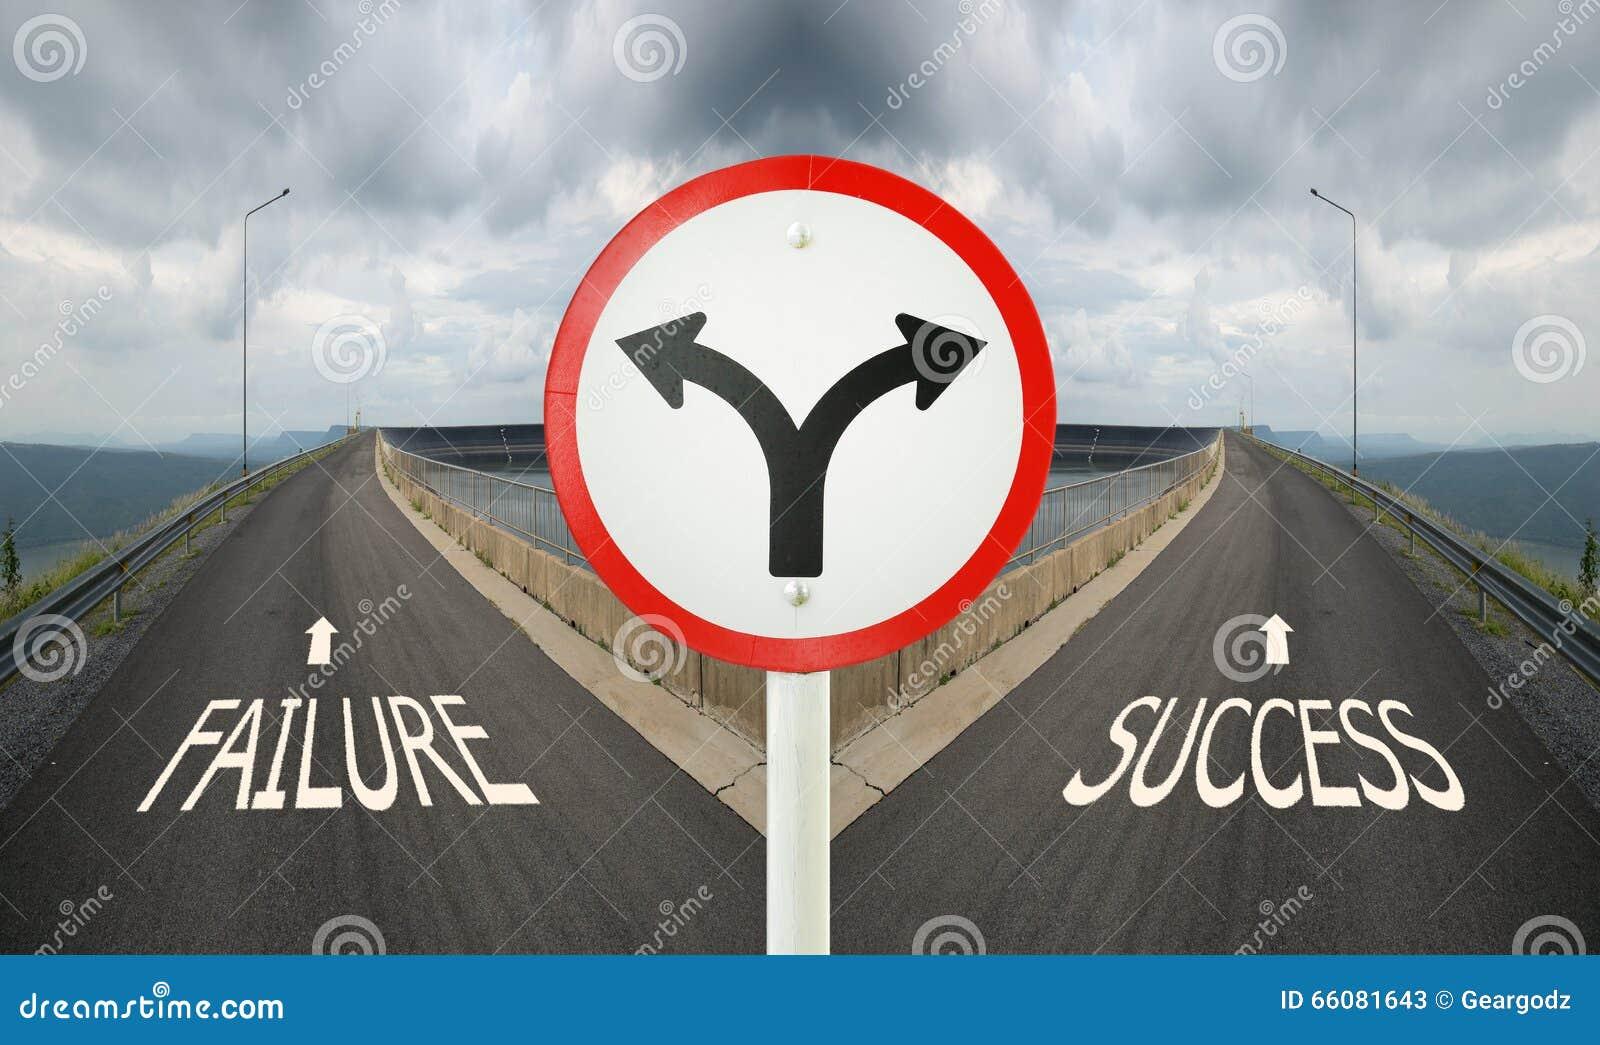 Señal de tráfico del empalme de bifurcación con los cruces spliting de dos maneras,